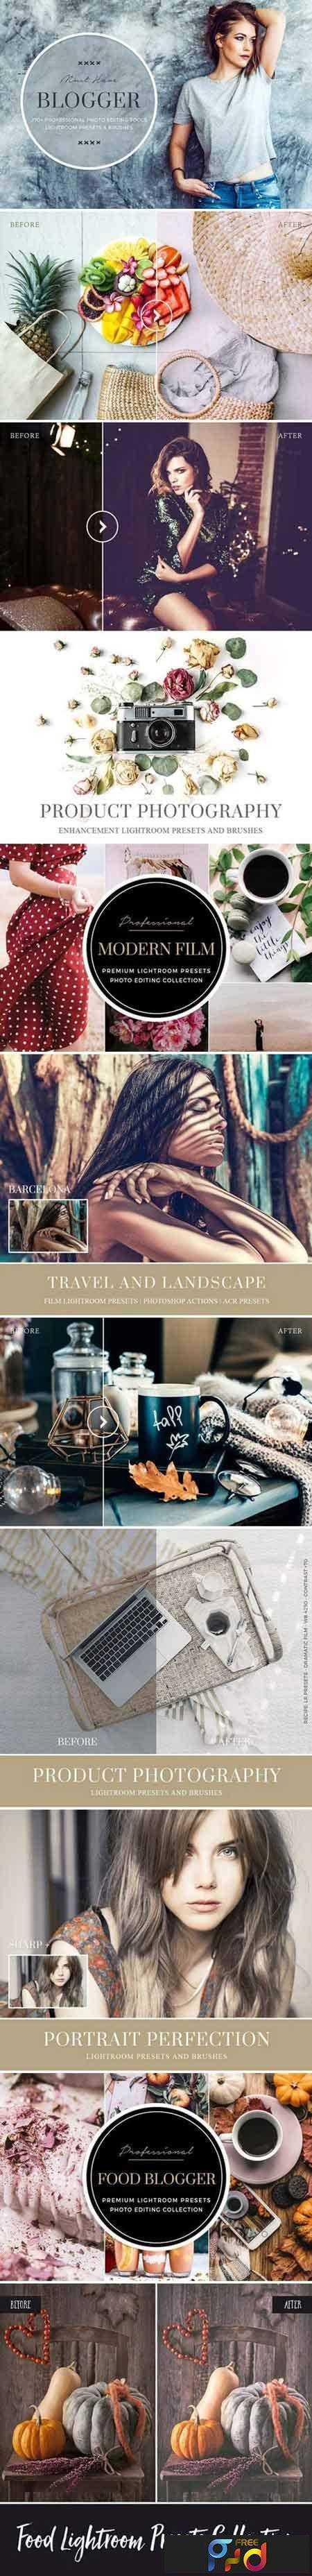 1801210 Best Lightroom presets for bloggers 2139915 - FreePSDvn